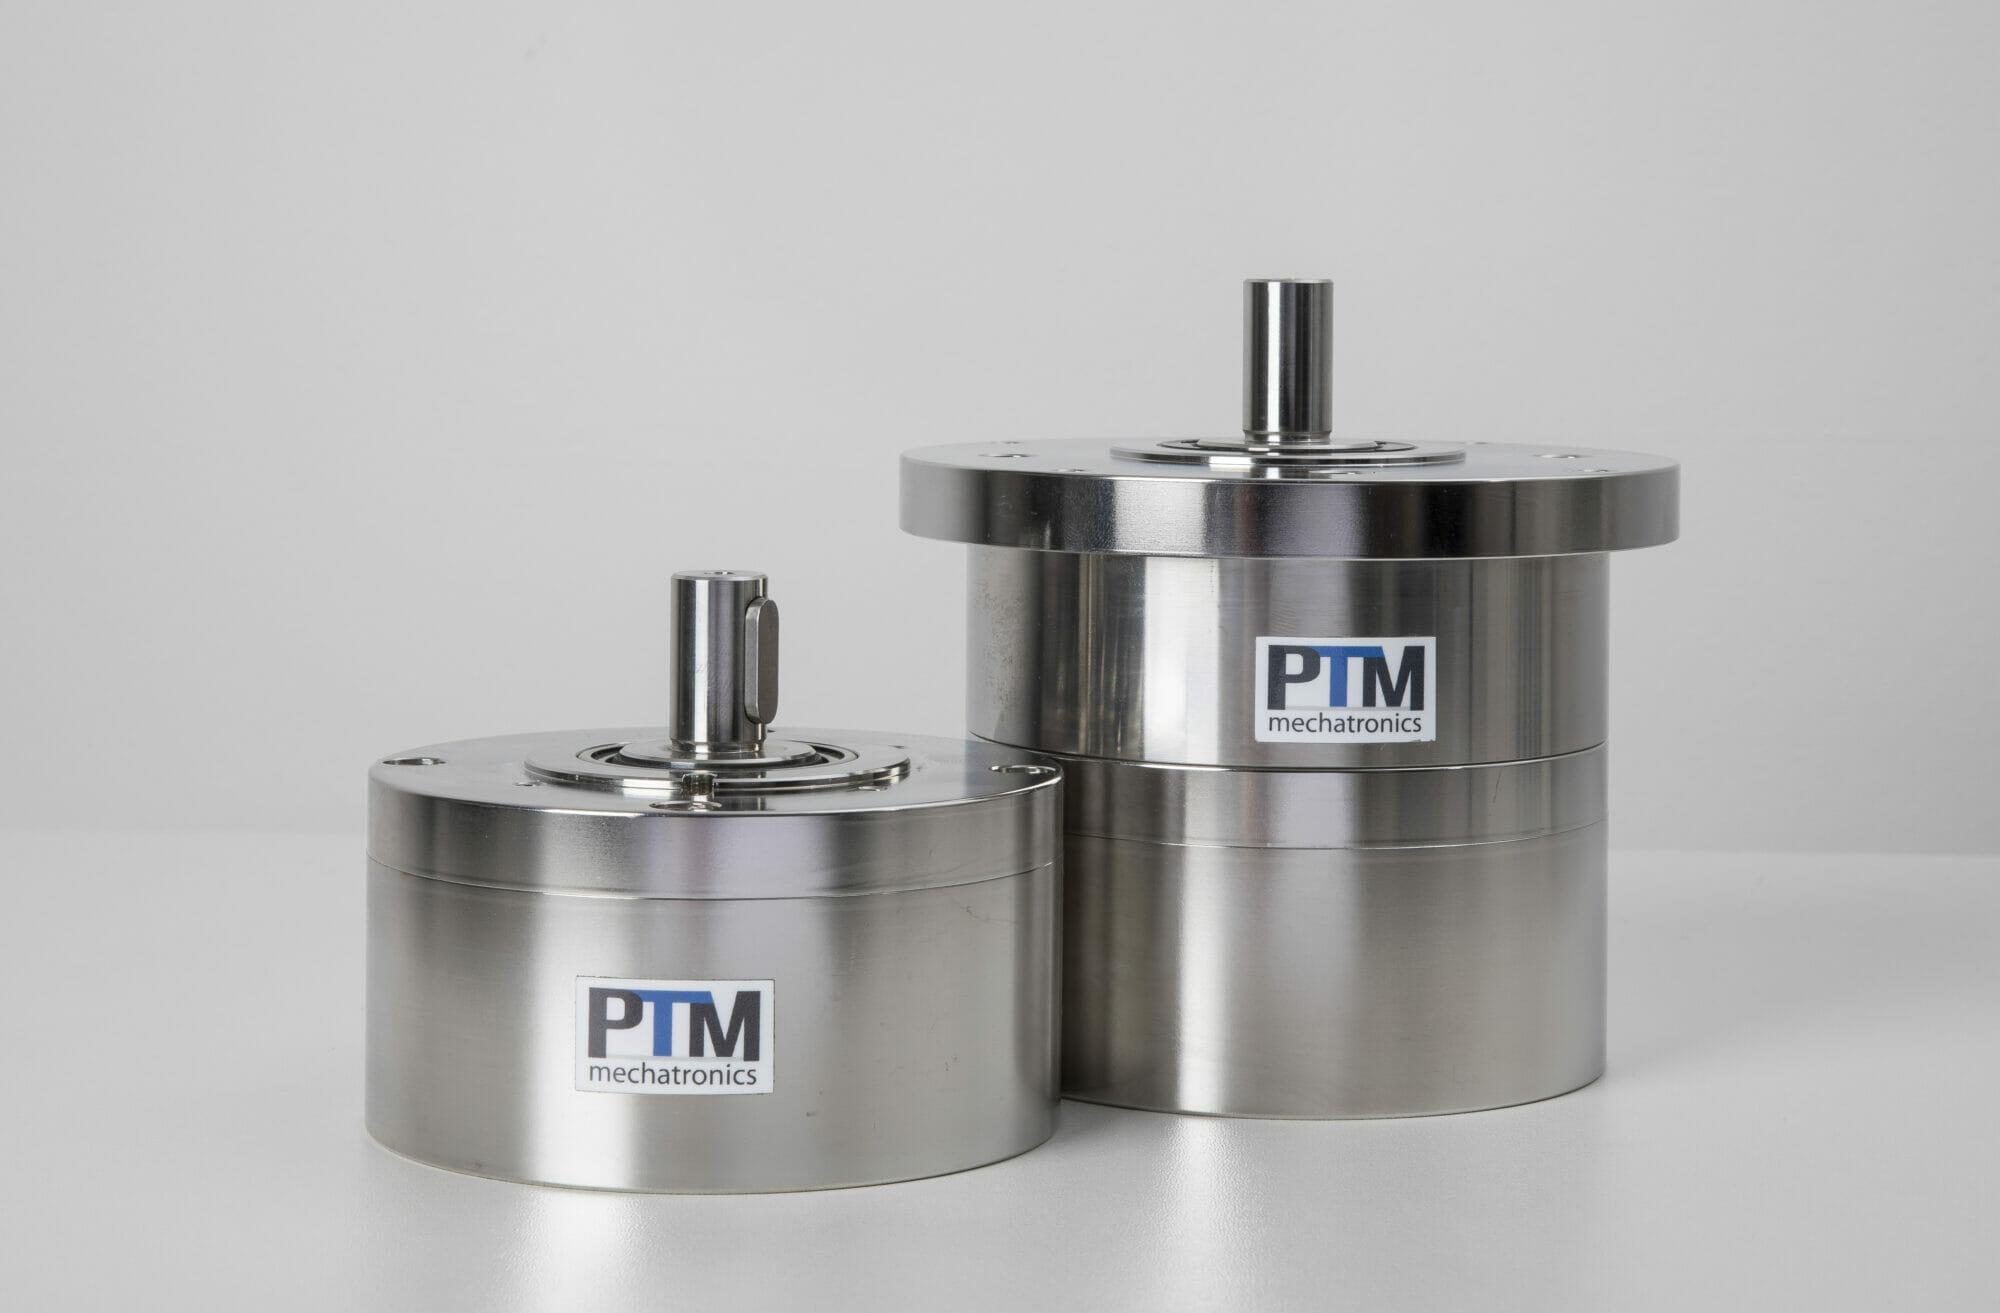 Die Druckluftmotoren aus Edelstahl sind säurebeständig, chemikalienbeständig, IP68 wasserdicht und für Reinräume zertifiziert.